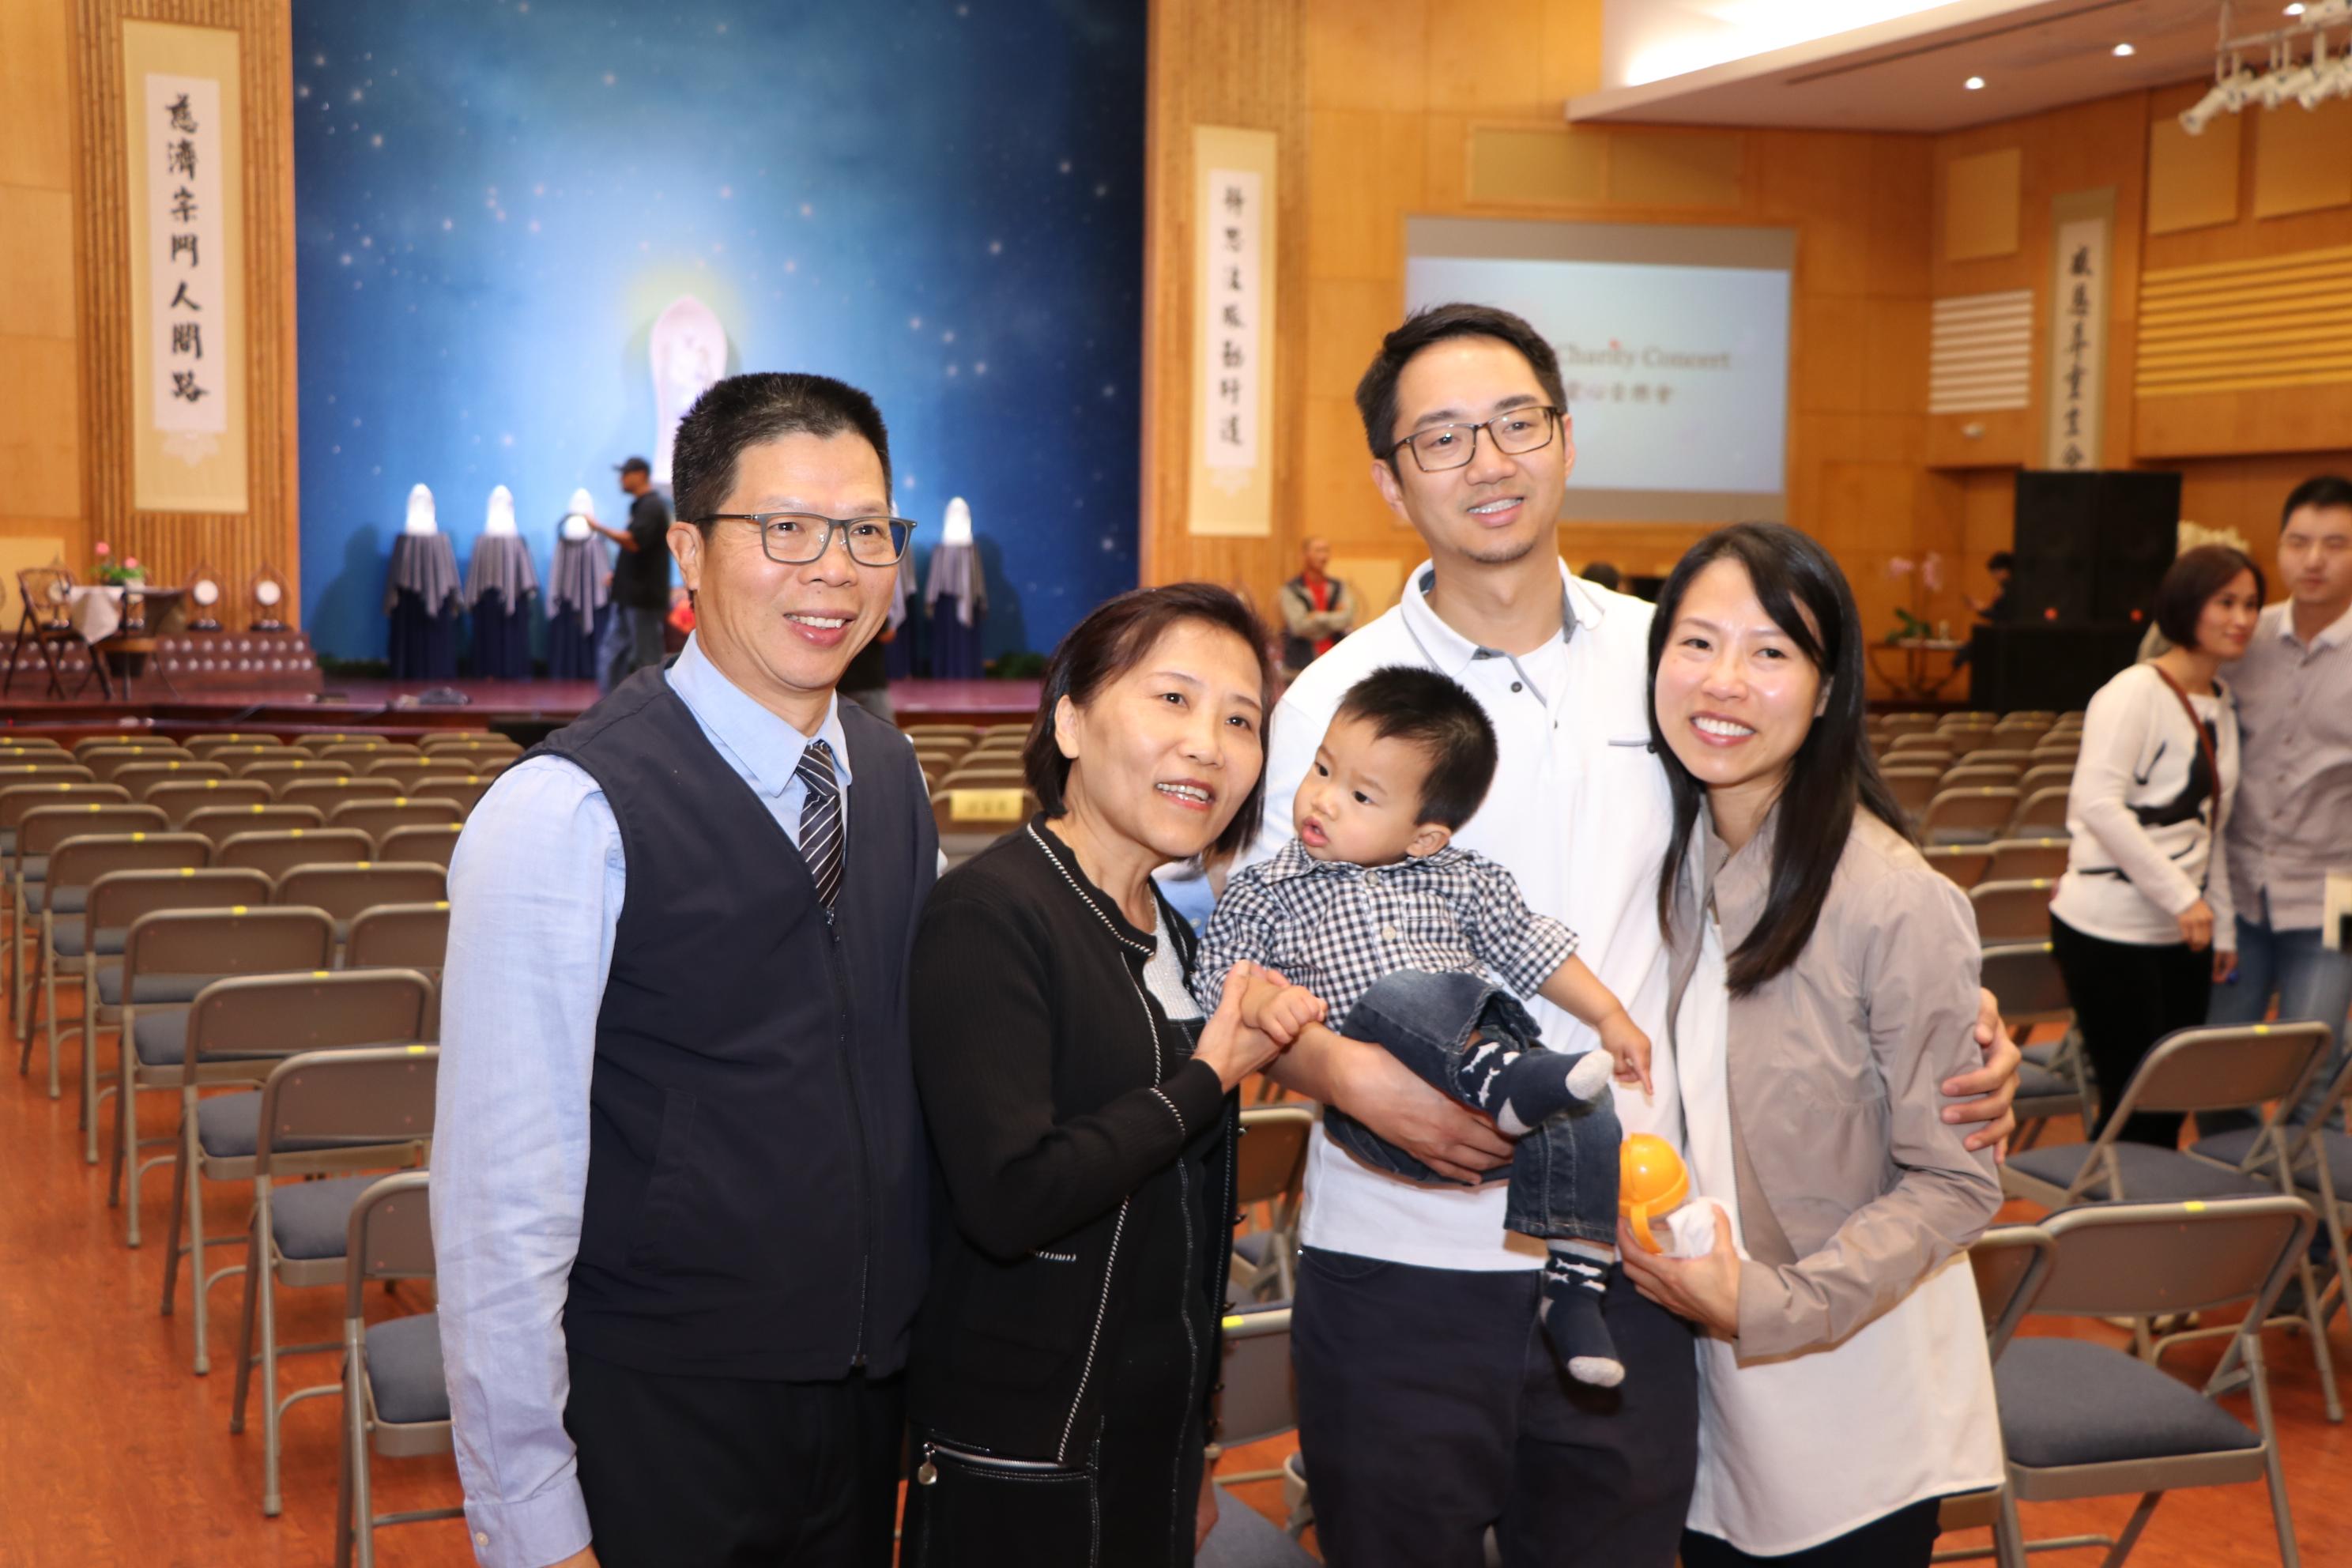 美國味全公司德州分公司總經理李樂罡全家一起做愛心。